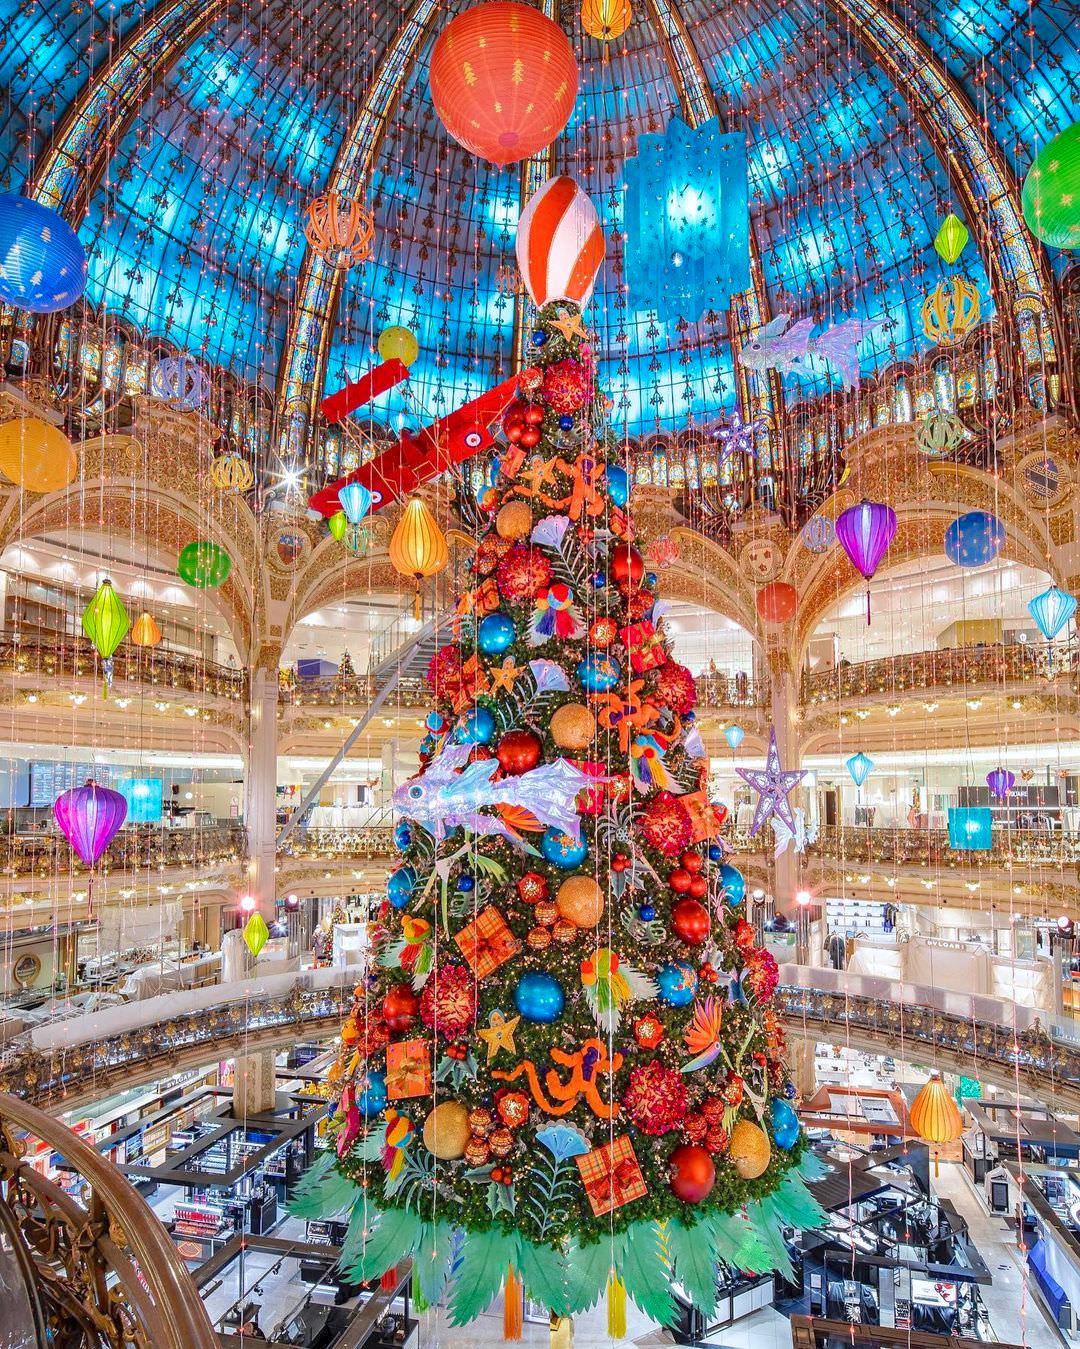 Noël 2020 aux Galeries Lafayette Haussmann, Paris